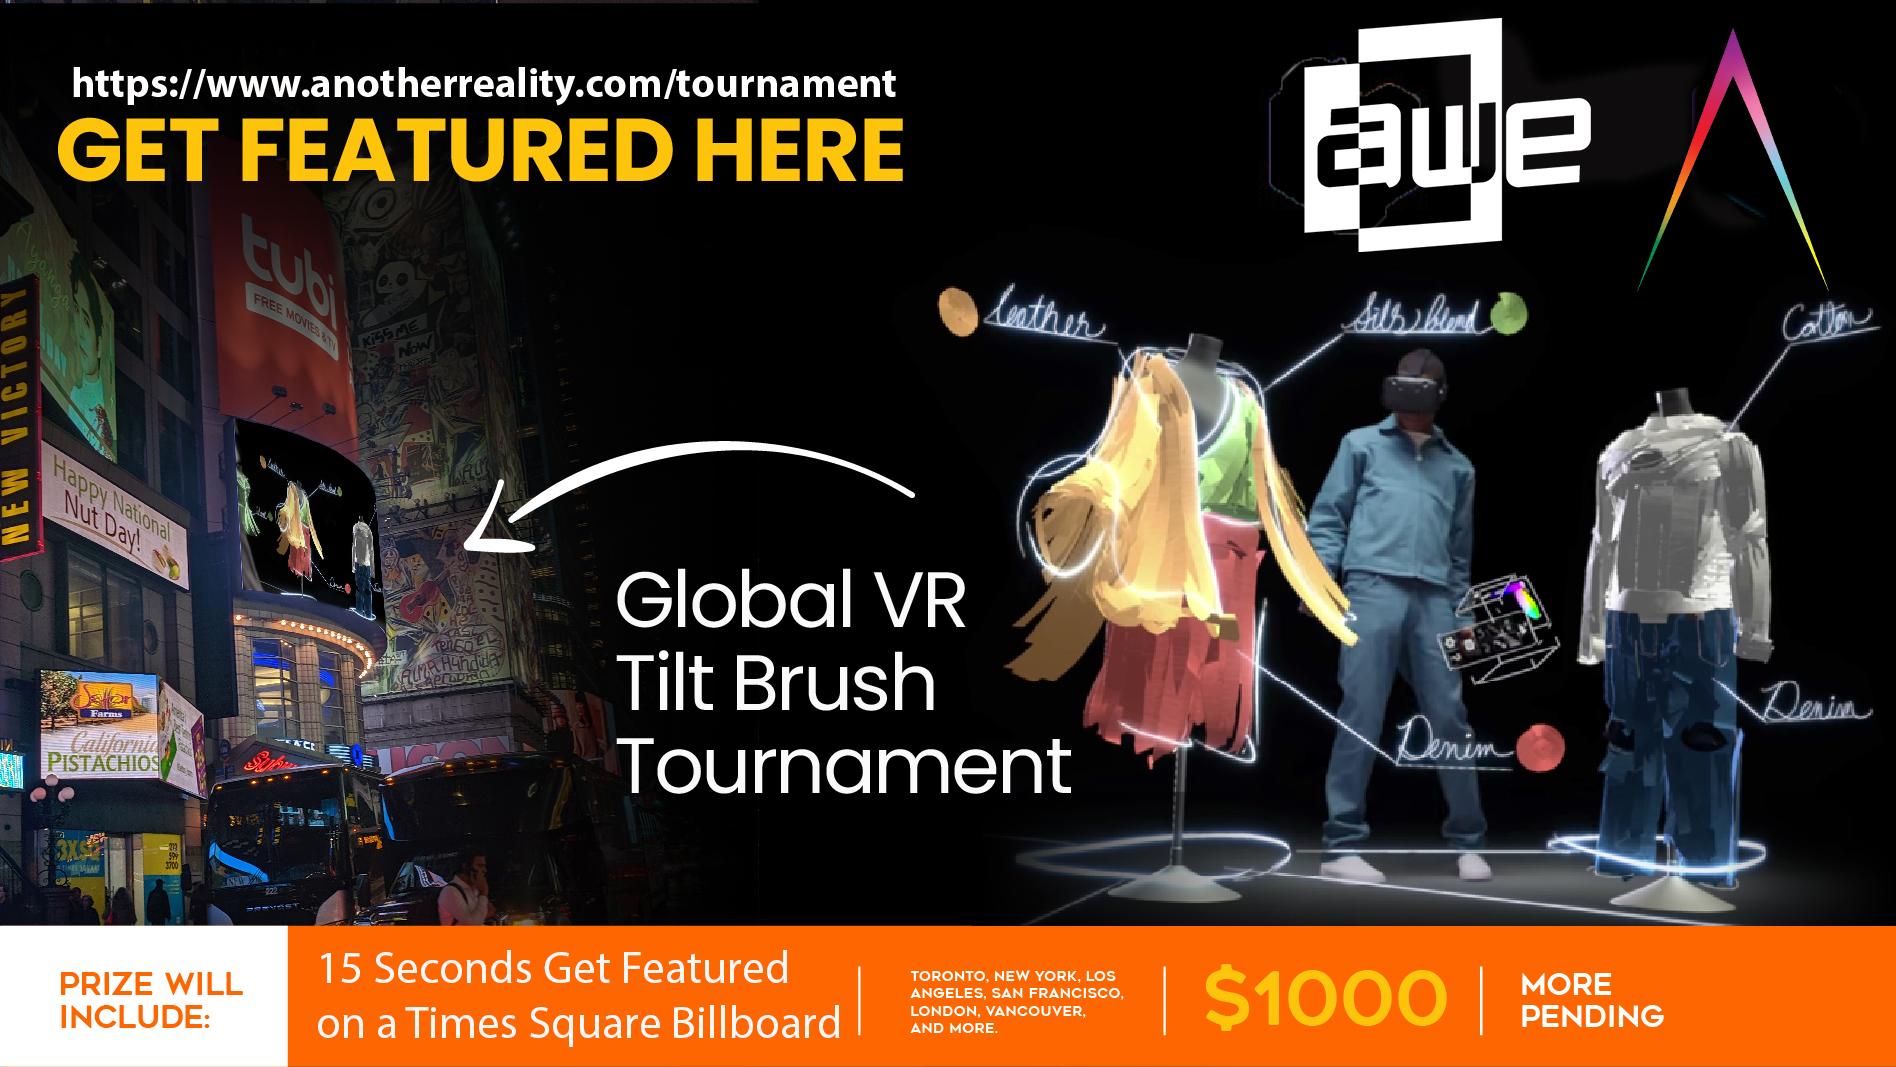 CANCELLED: Global Tilt Brush Art Fest and Tournament- Toronto